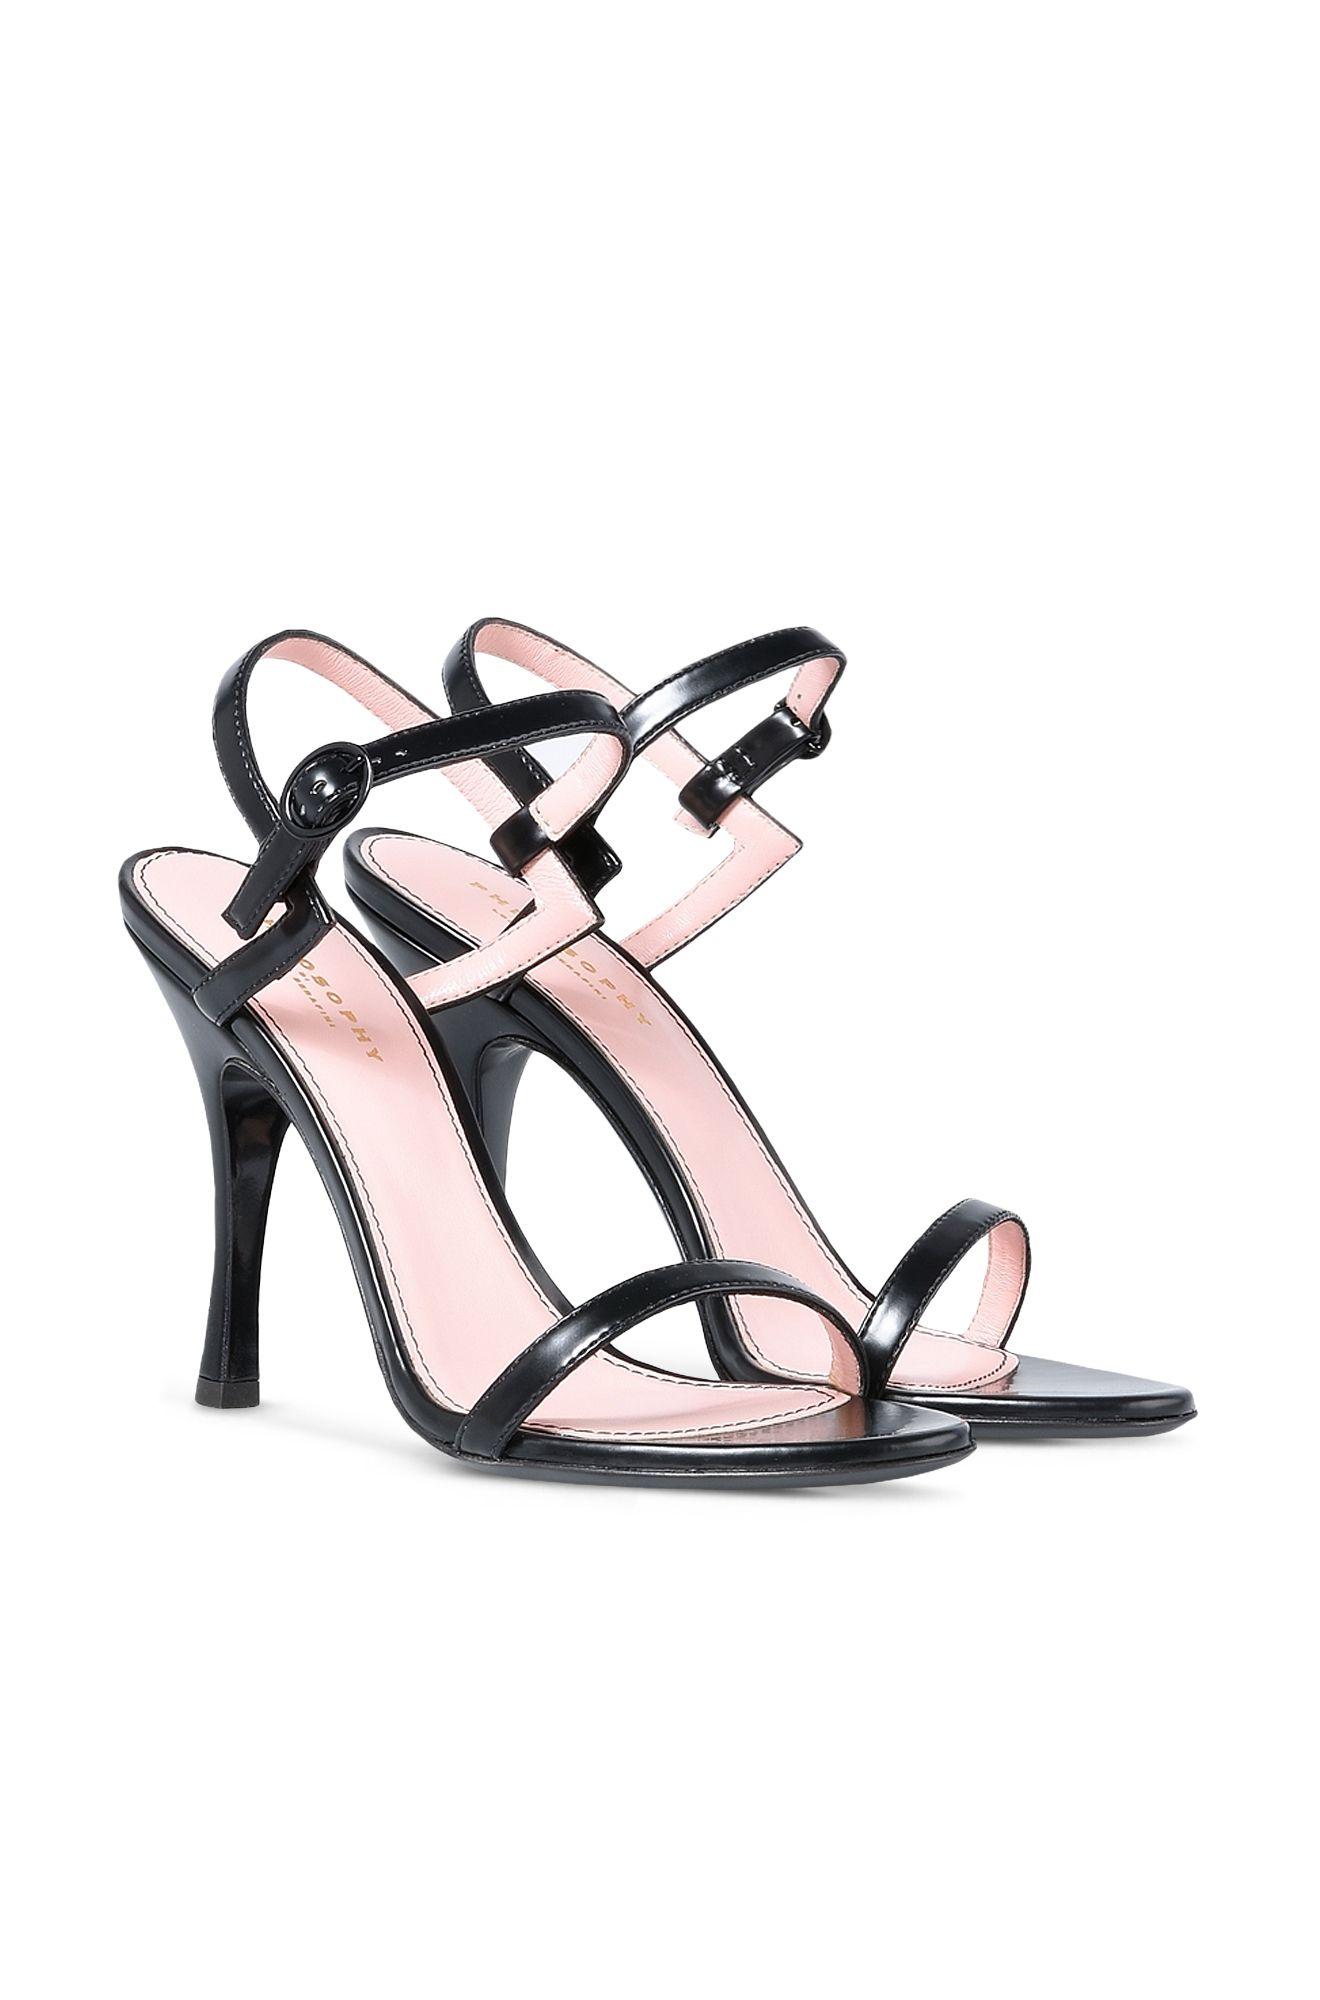 Sandalen mit geometrischem Motiv